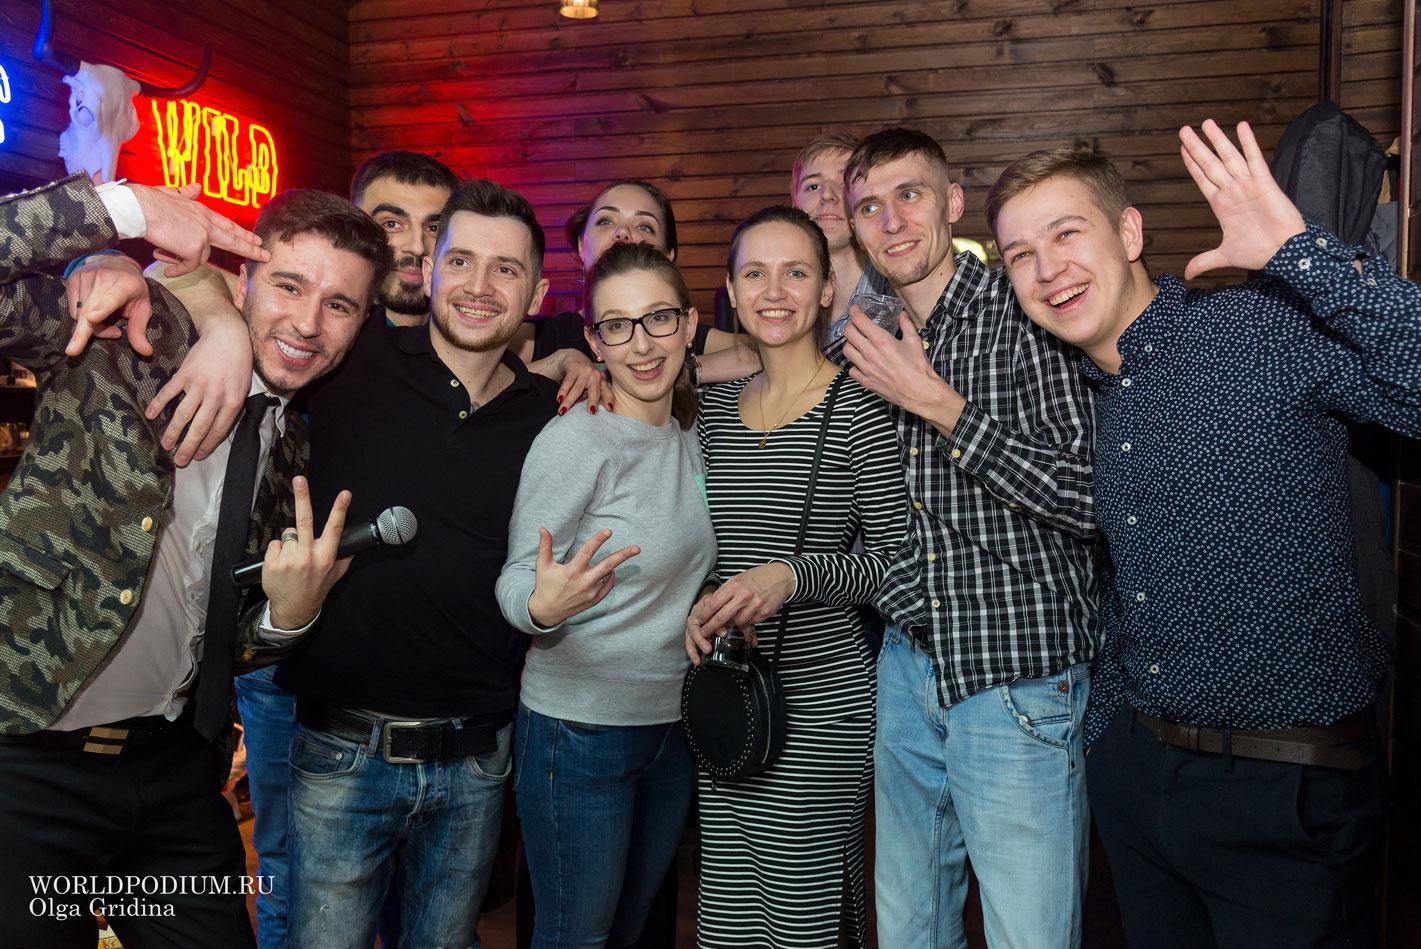 В Бутово открылся первый бабершоп Old Boy